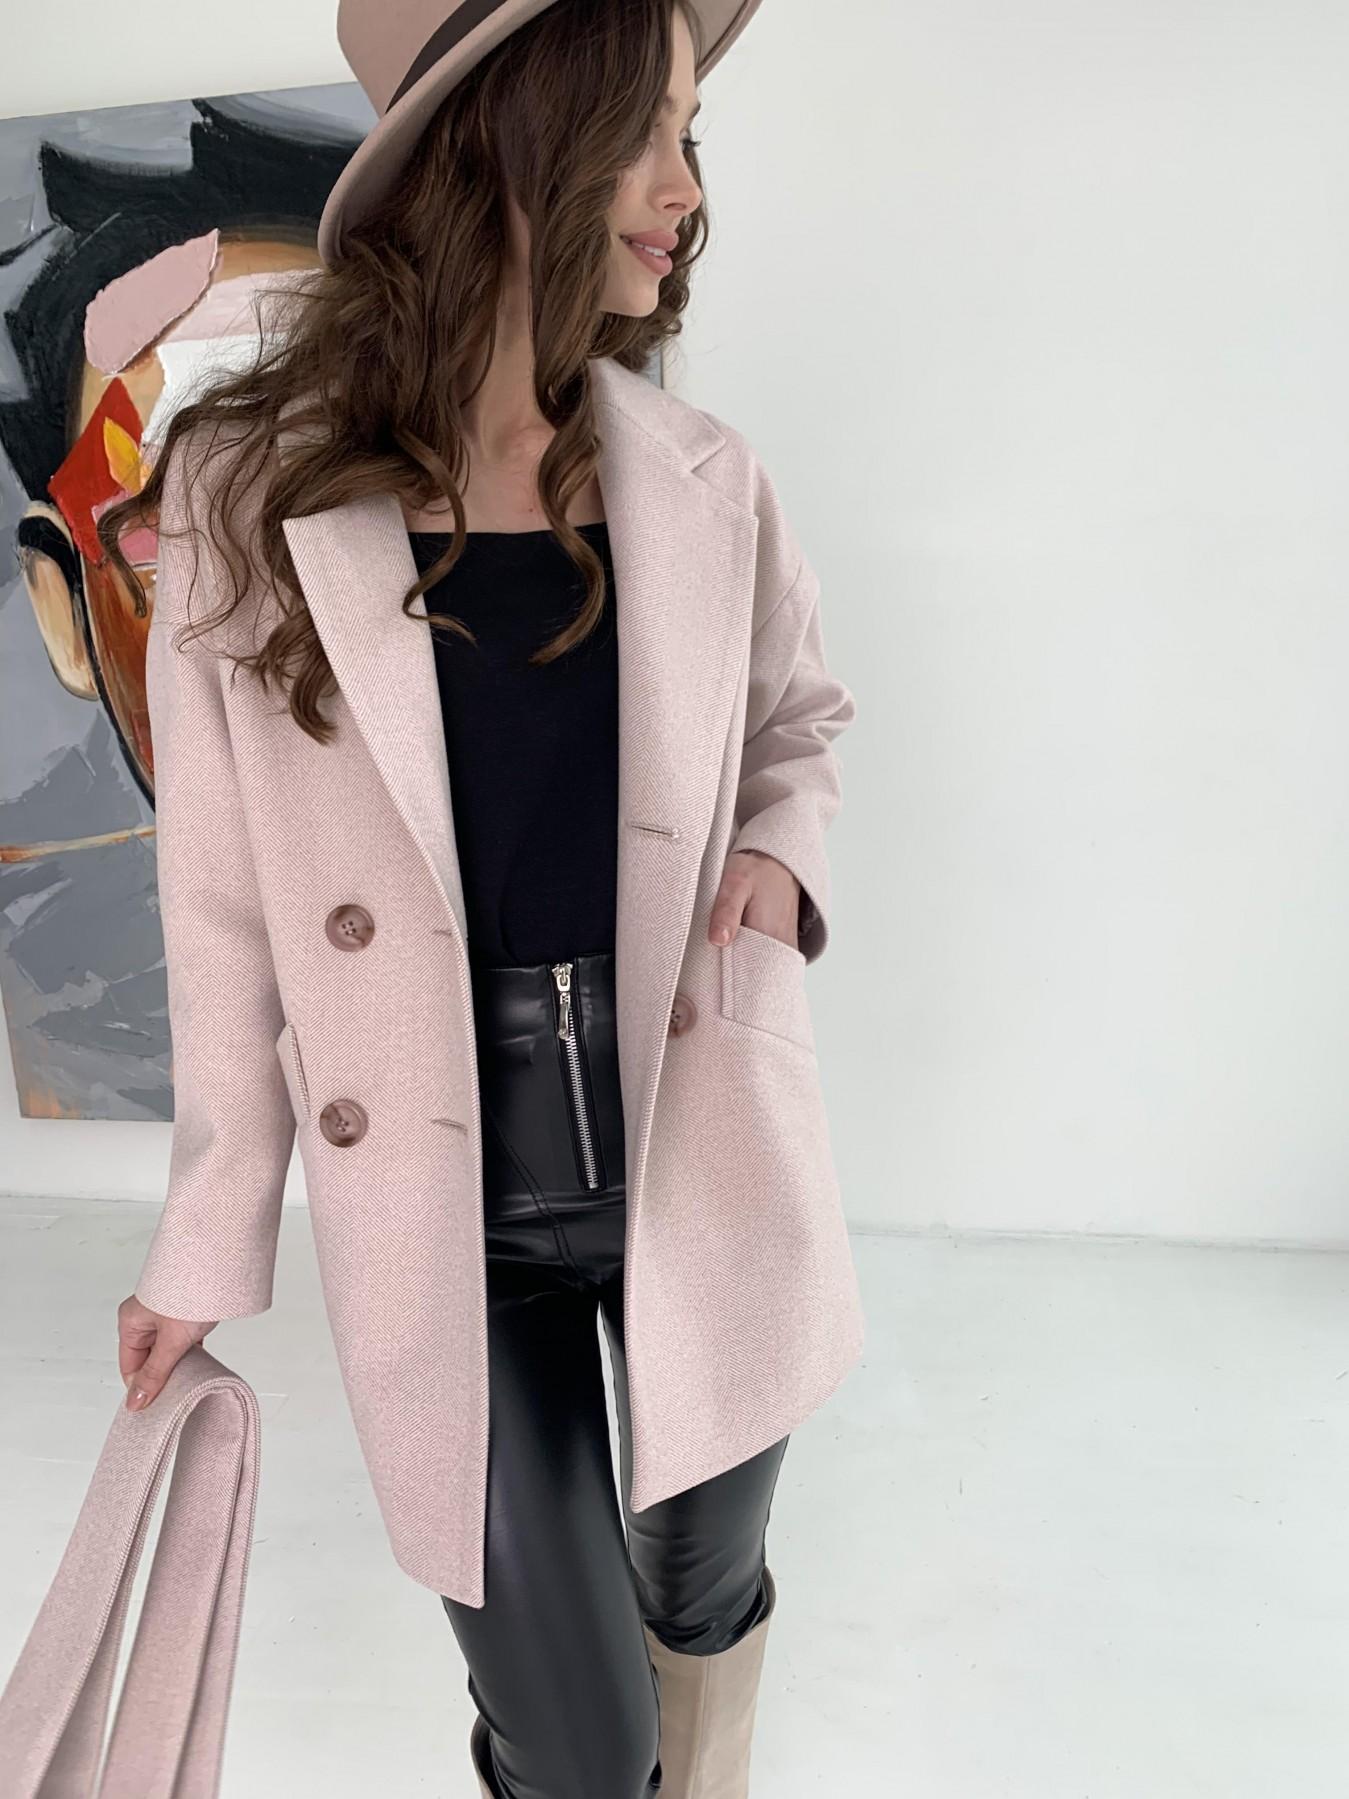 Бонд пальто из пальтовой ткани в мелкую елочку 10640 АРТ. 47007 Цвет: Пудра - фото 3, интернет магазин tm-modus.ru